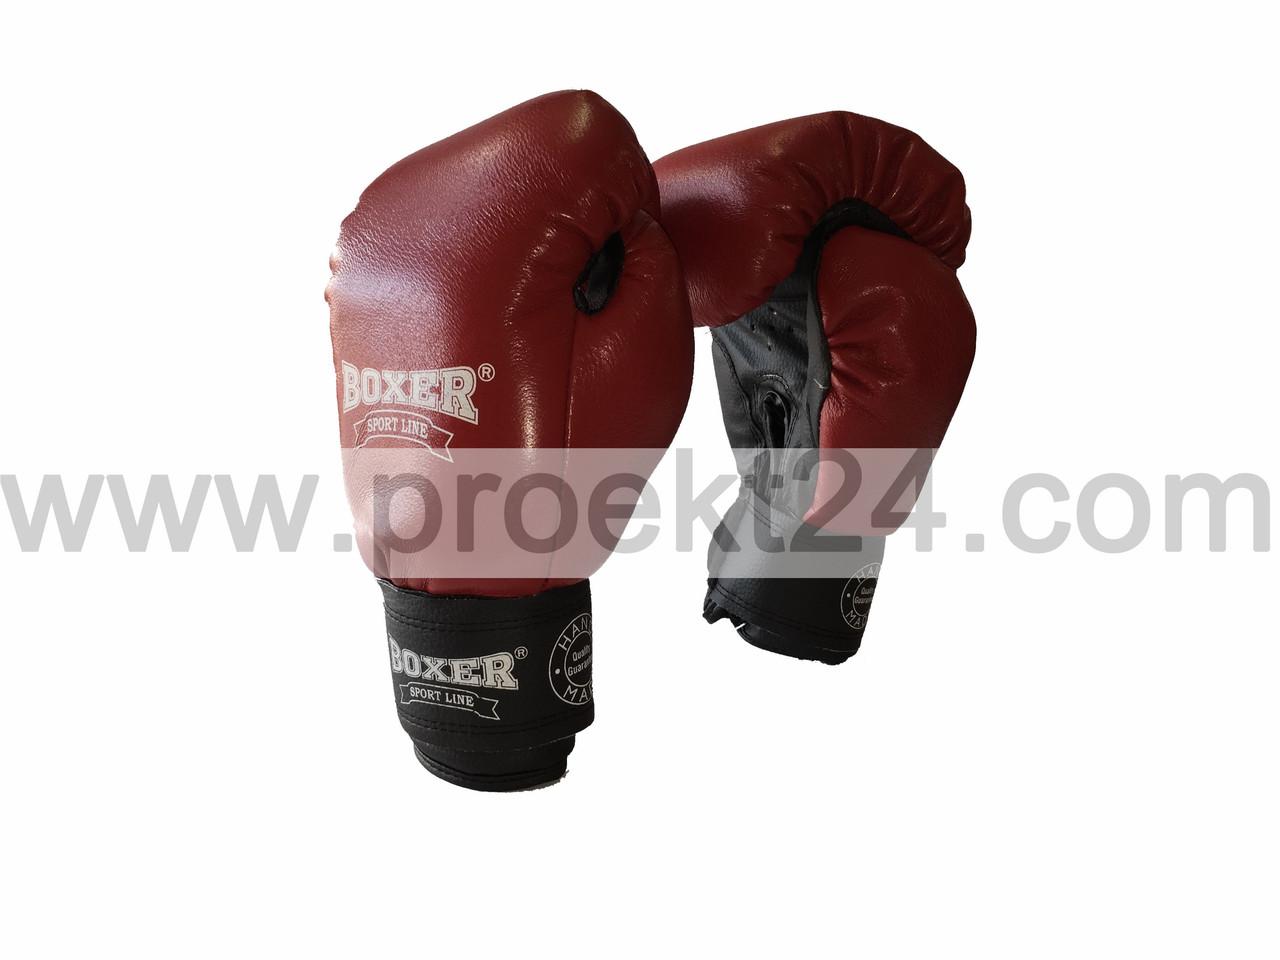 Рукавички бокс. 12 оz комбіновані, червоні